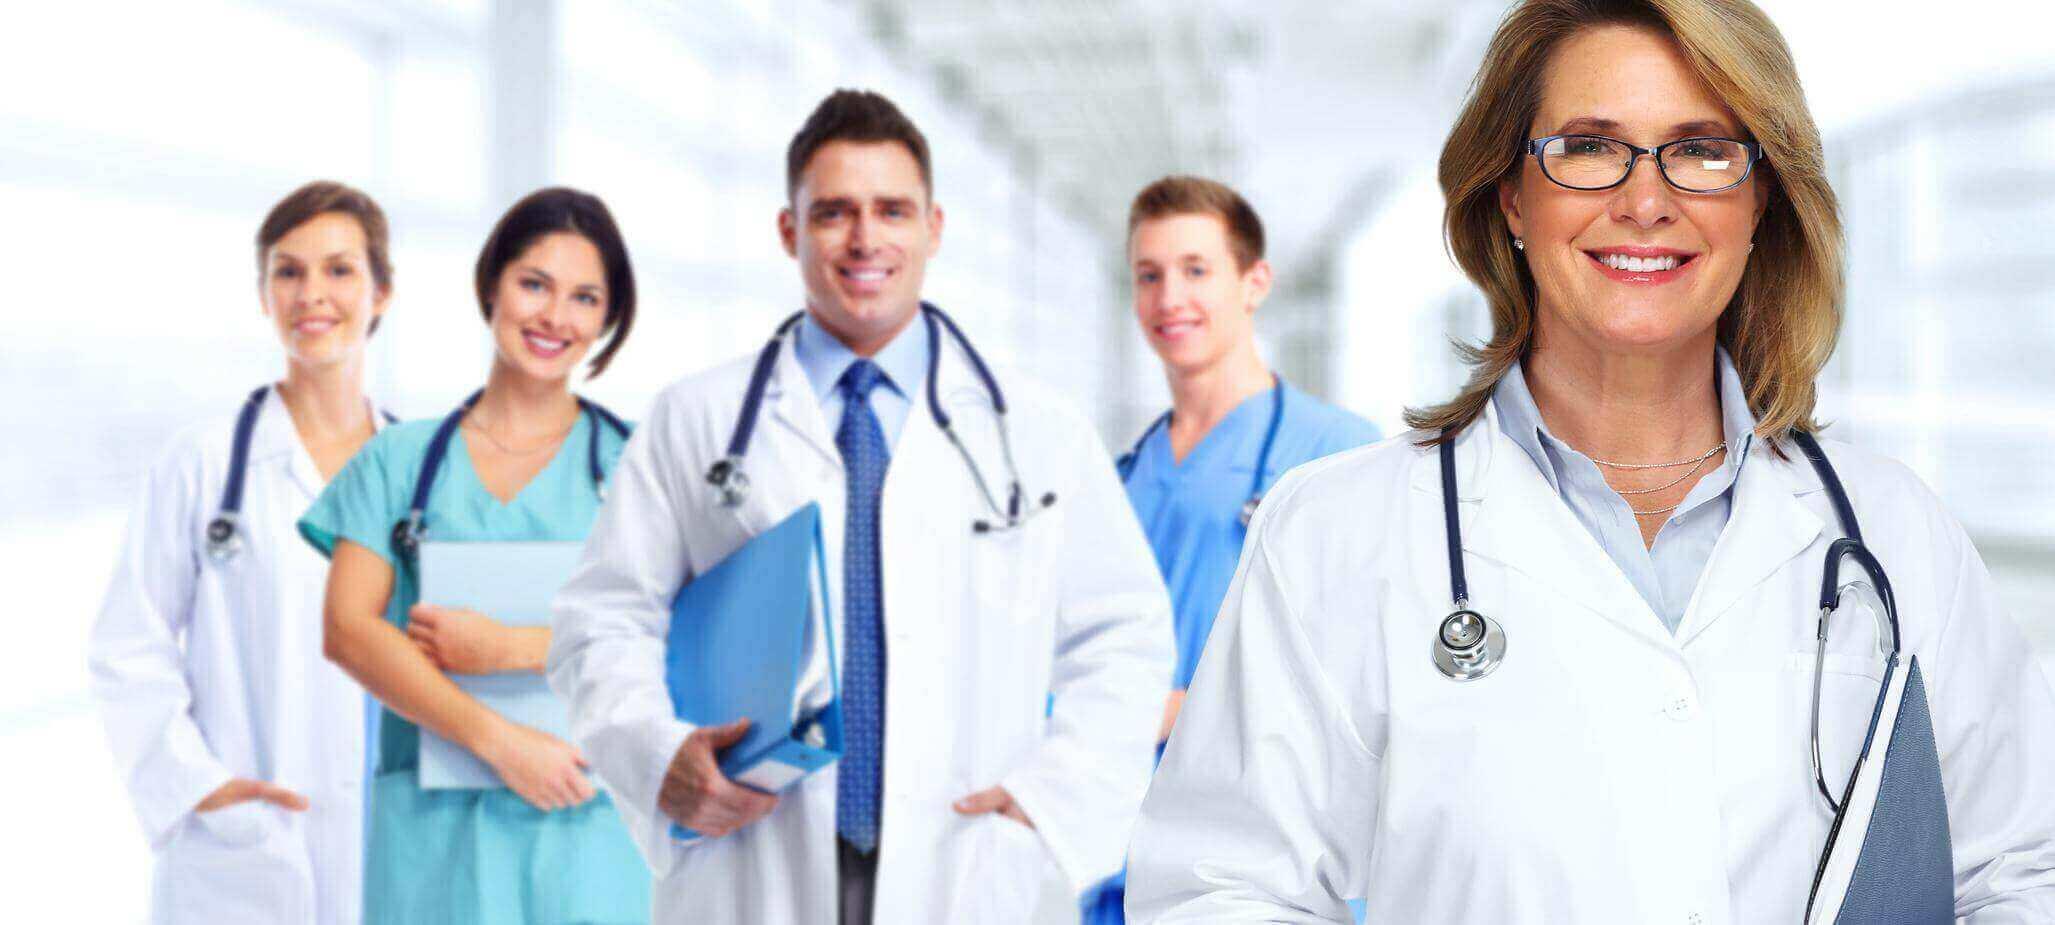 medici che frequentando studenti di medicina